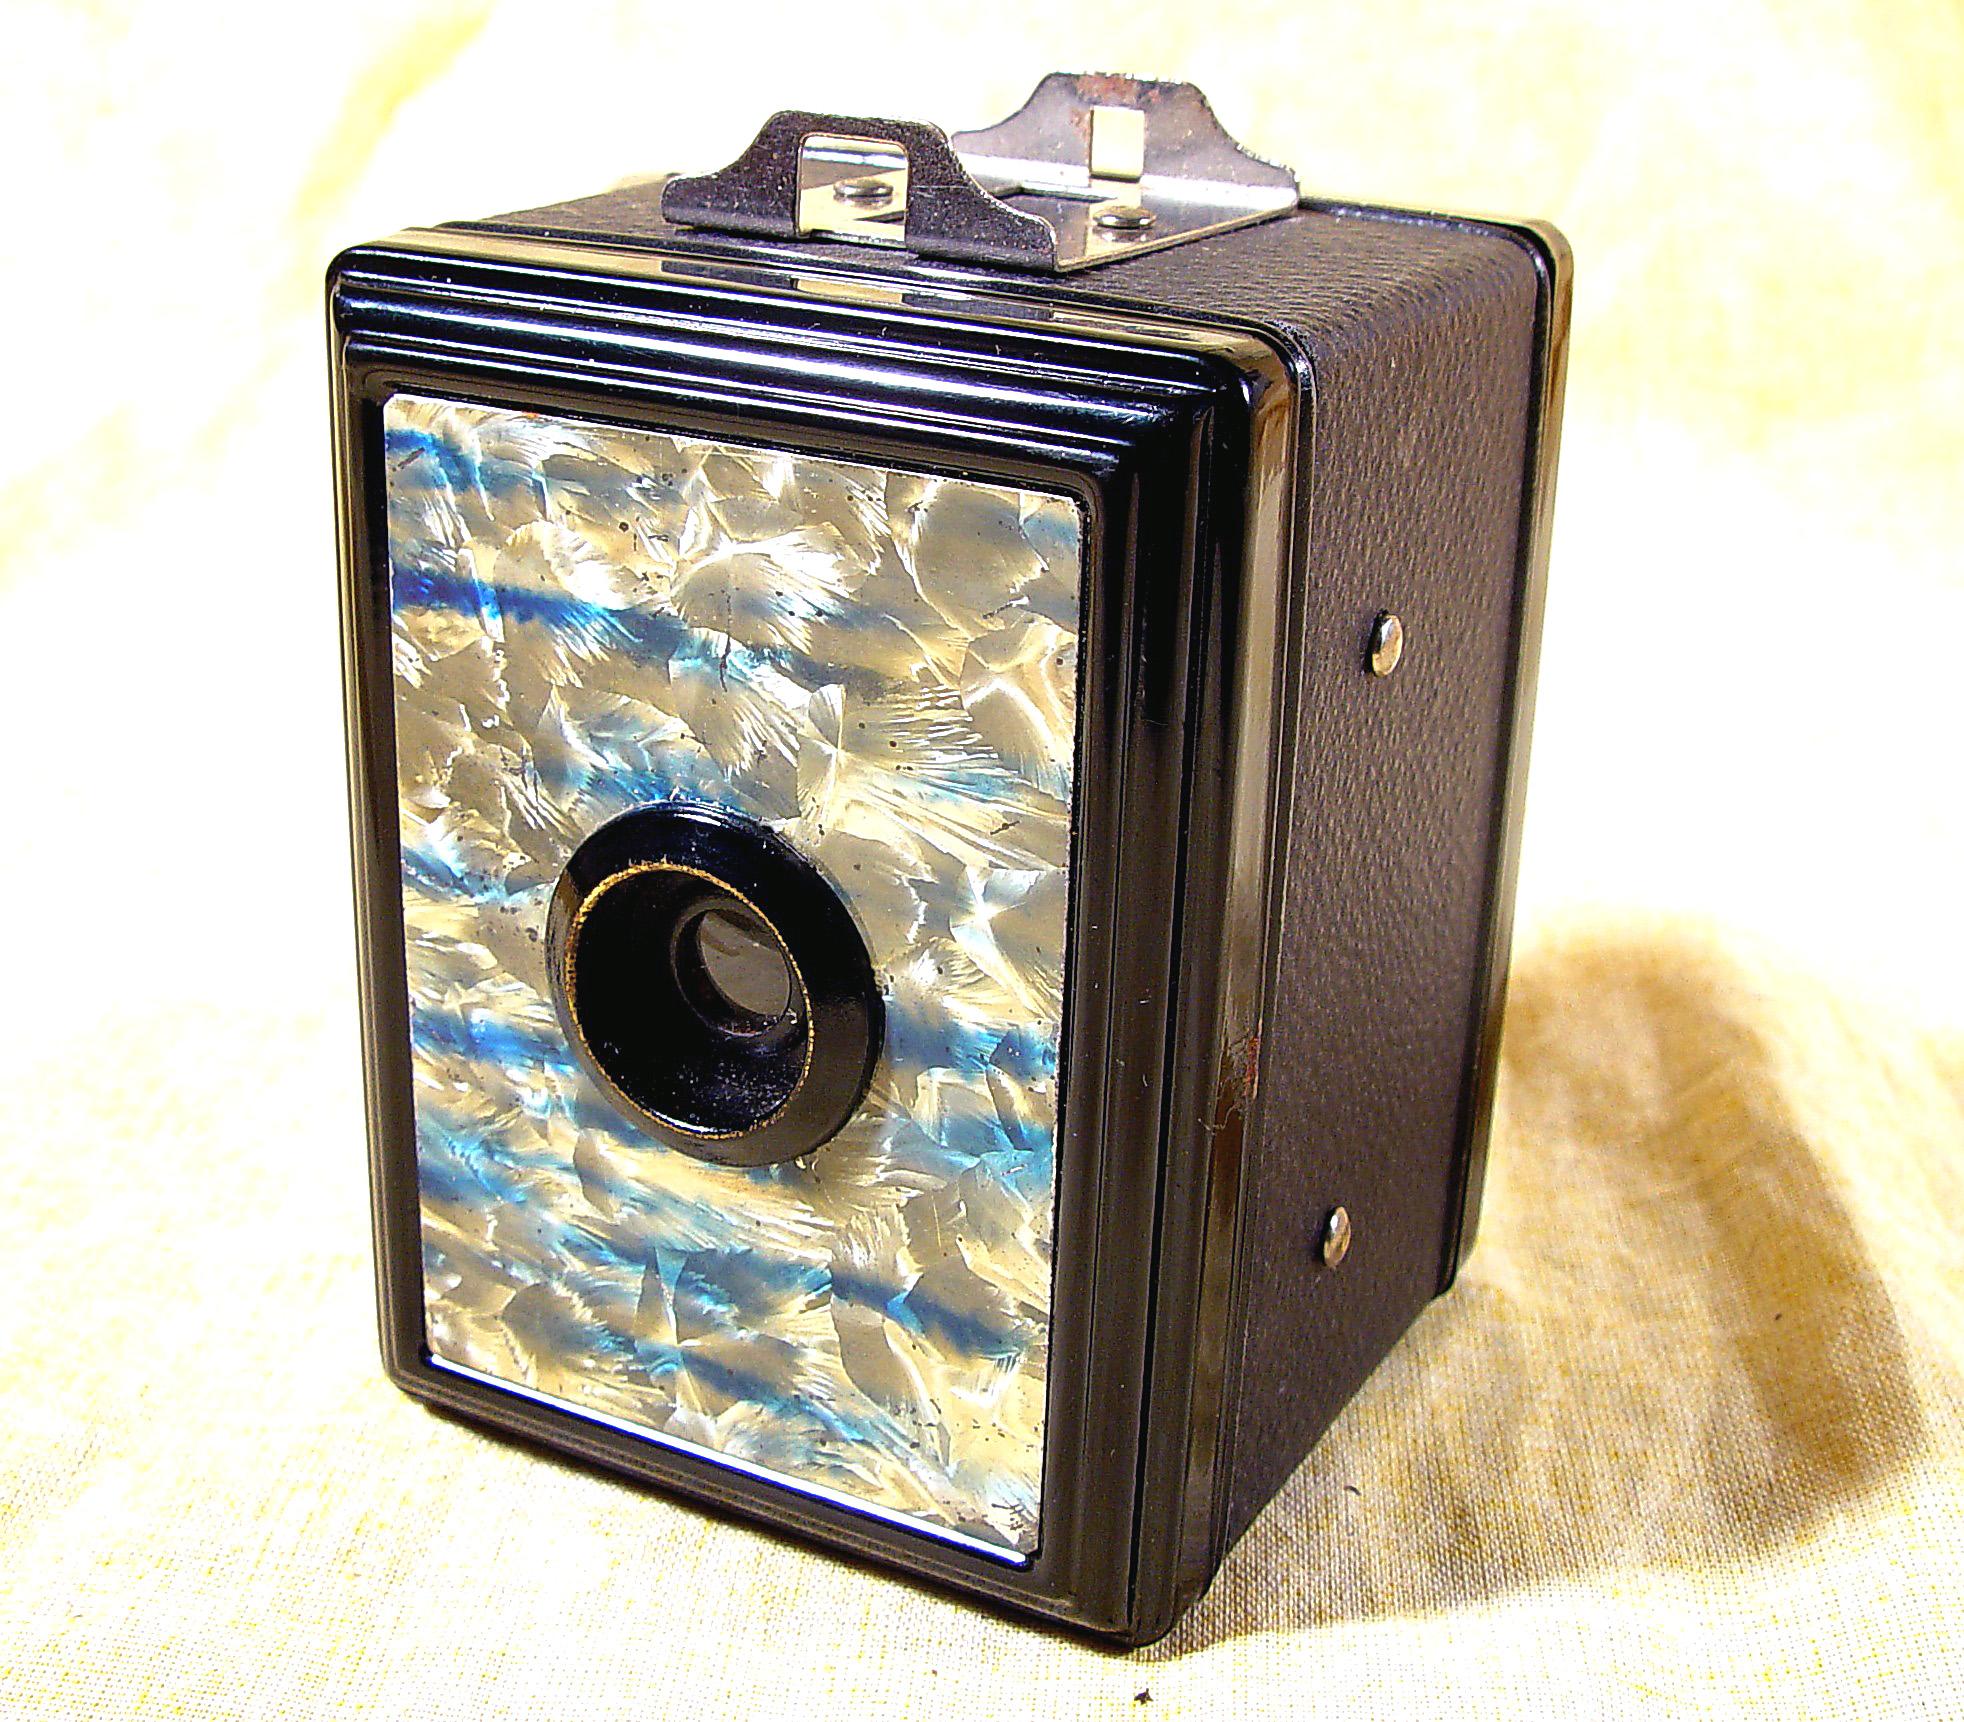 Wallpaper 3042-1  GAP  box 3X4 facade nuagee bleu et blanc, collection AMI Appareils photos